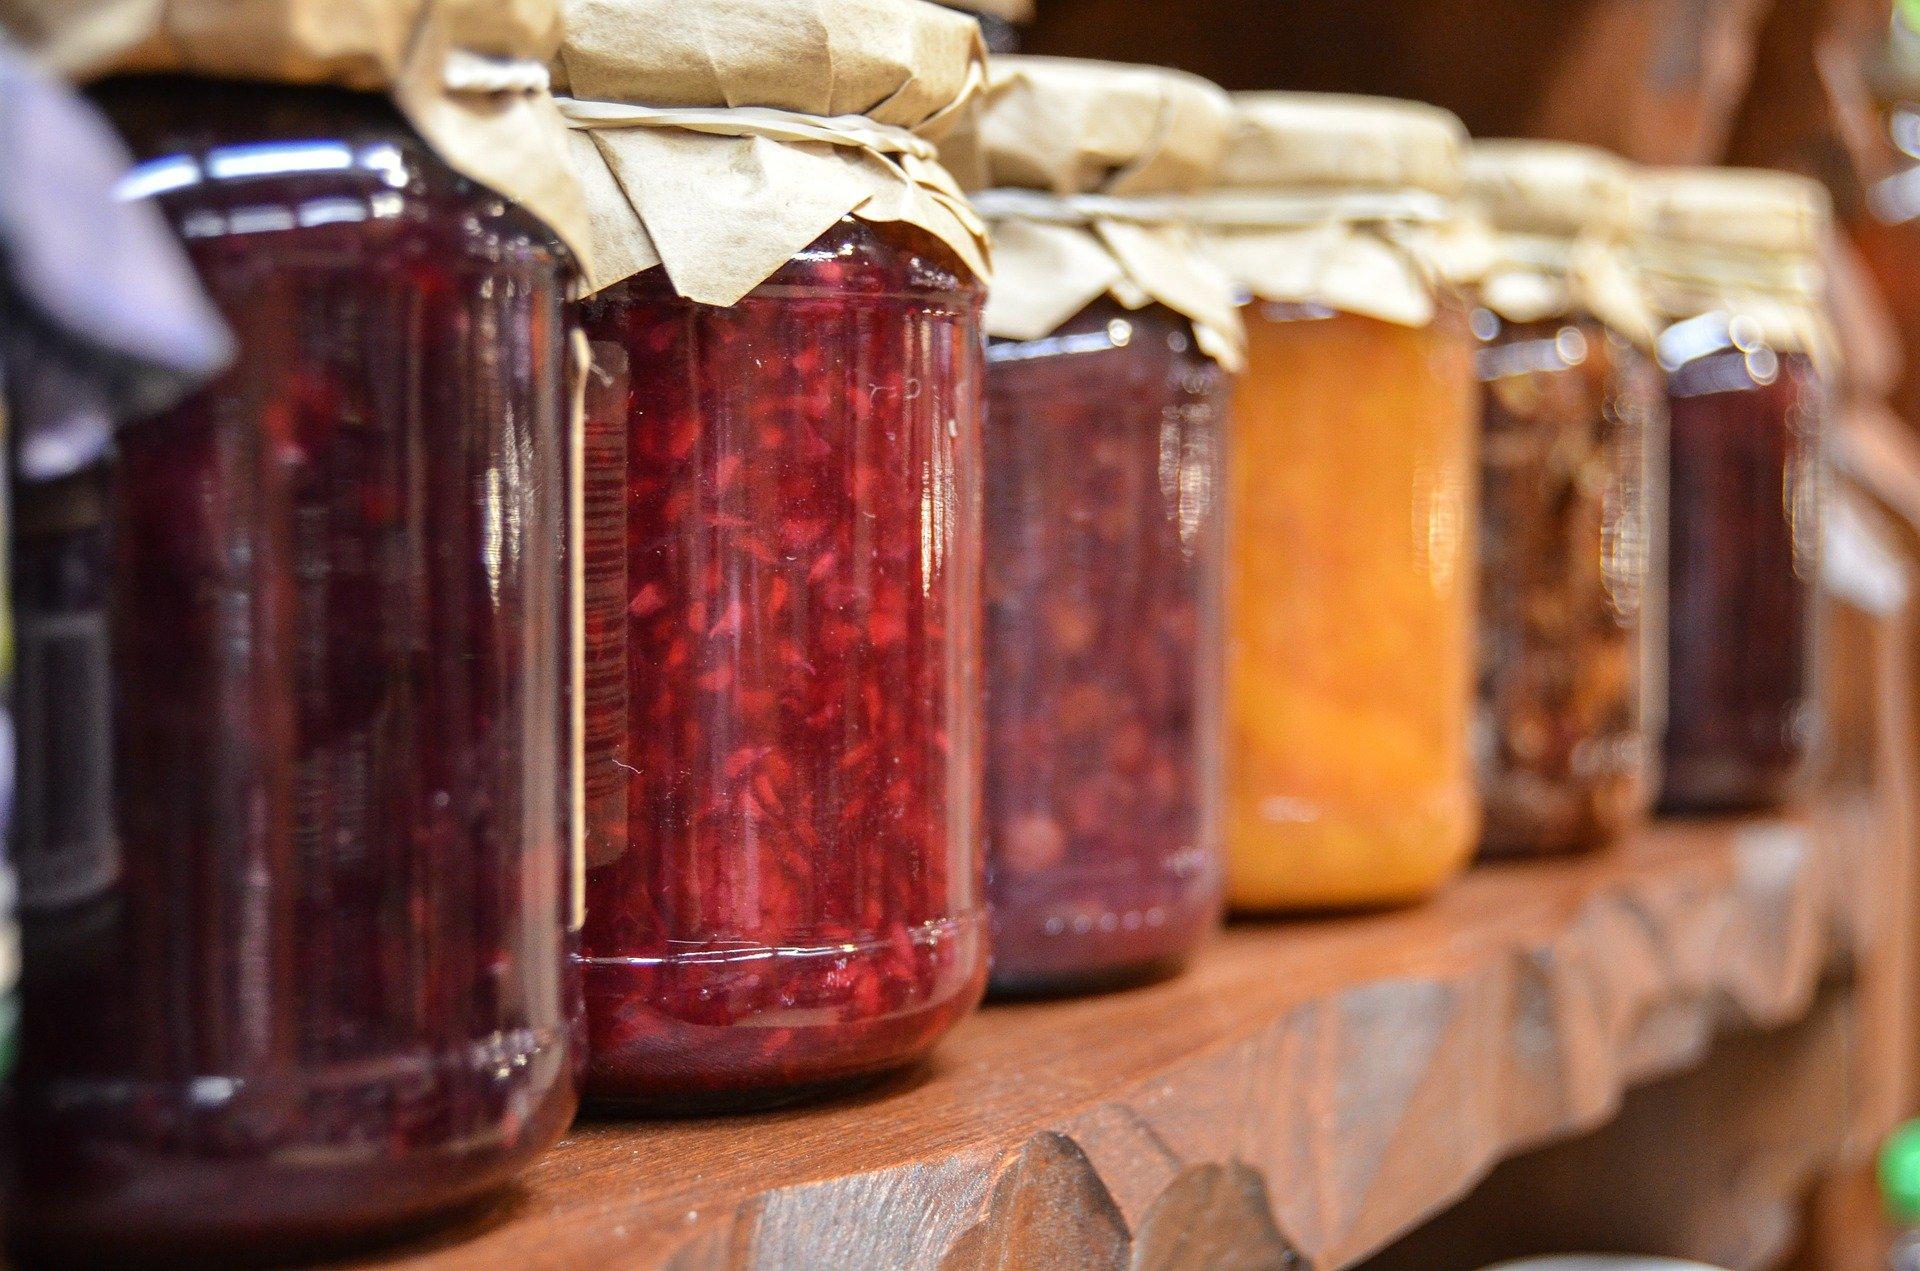 Diversos pots amb melmelades de diferents sabors | Pixabay